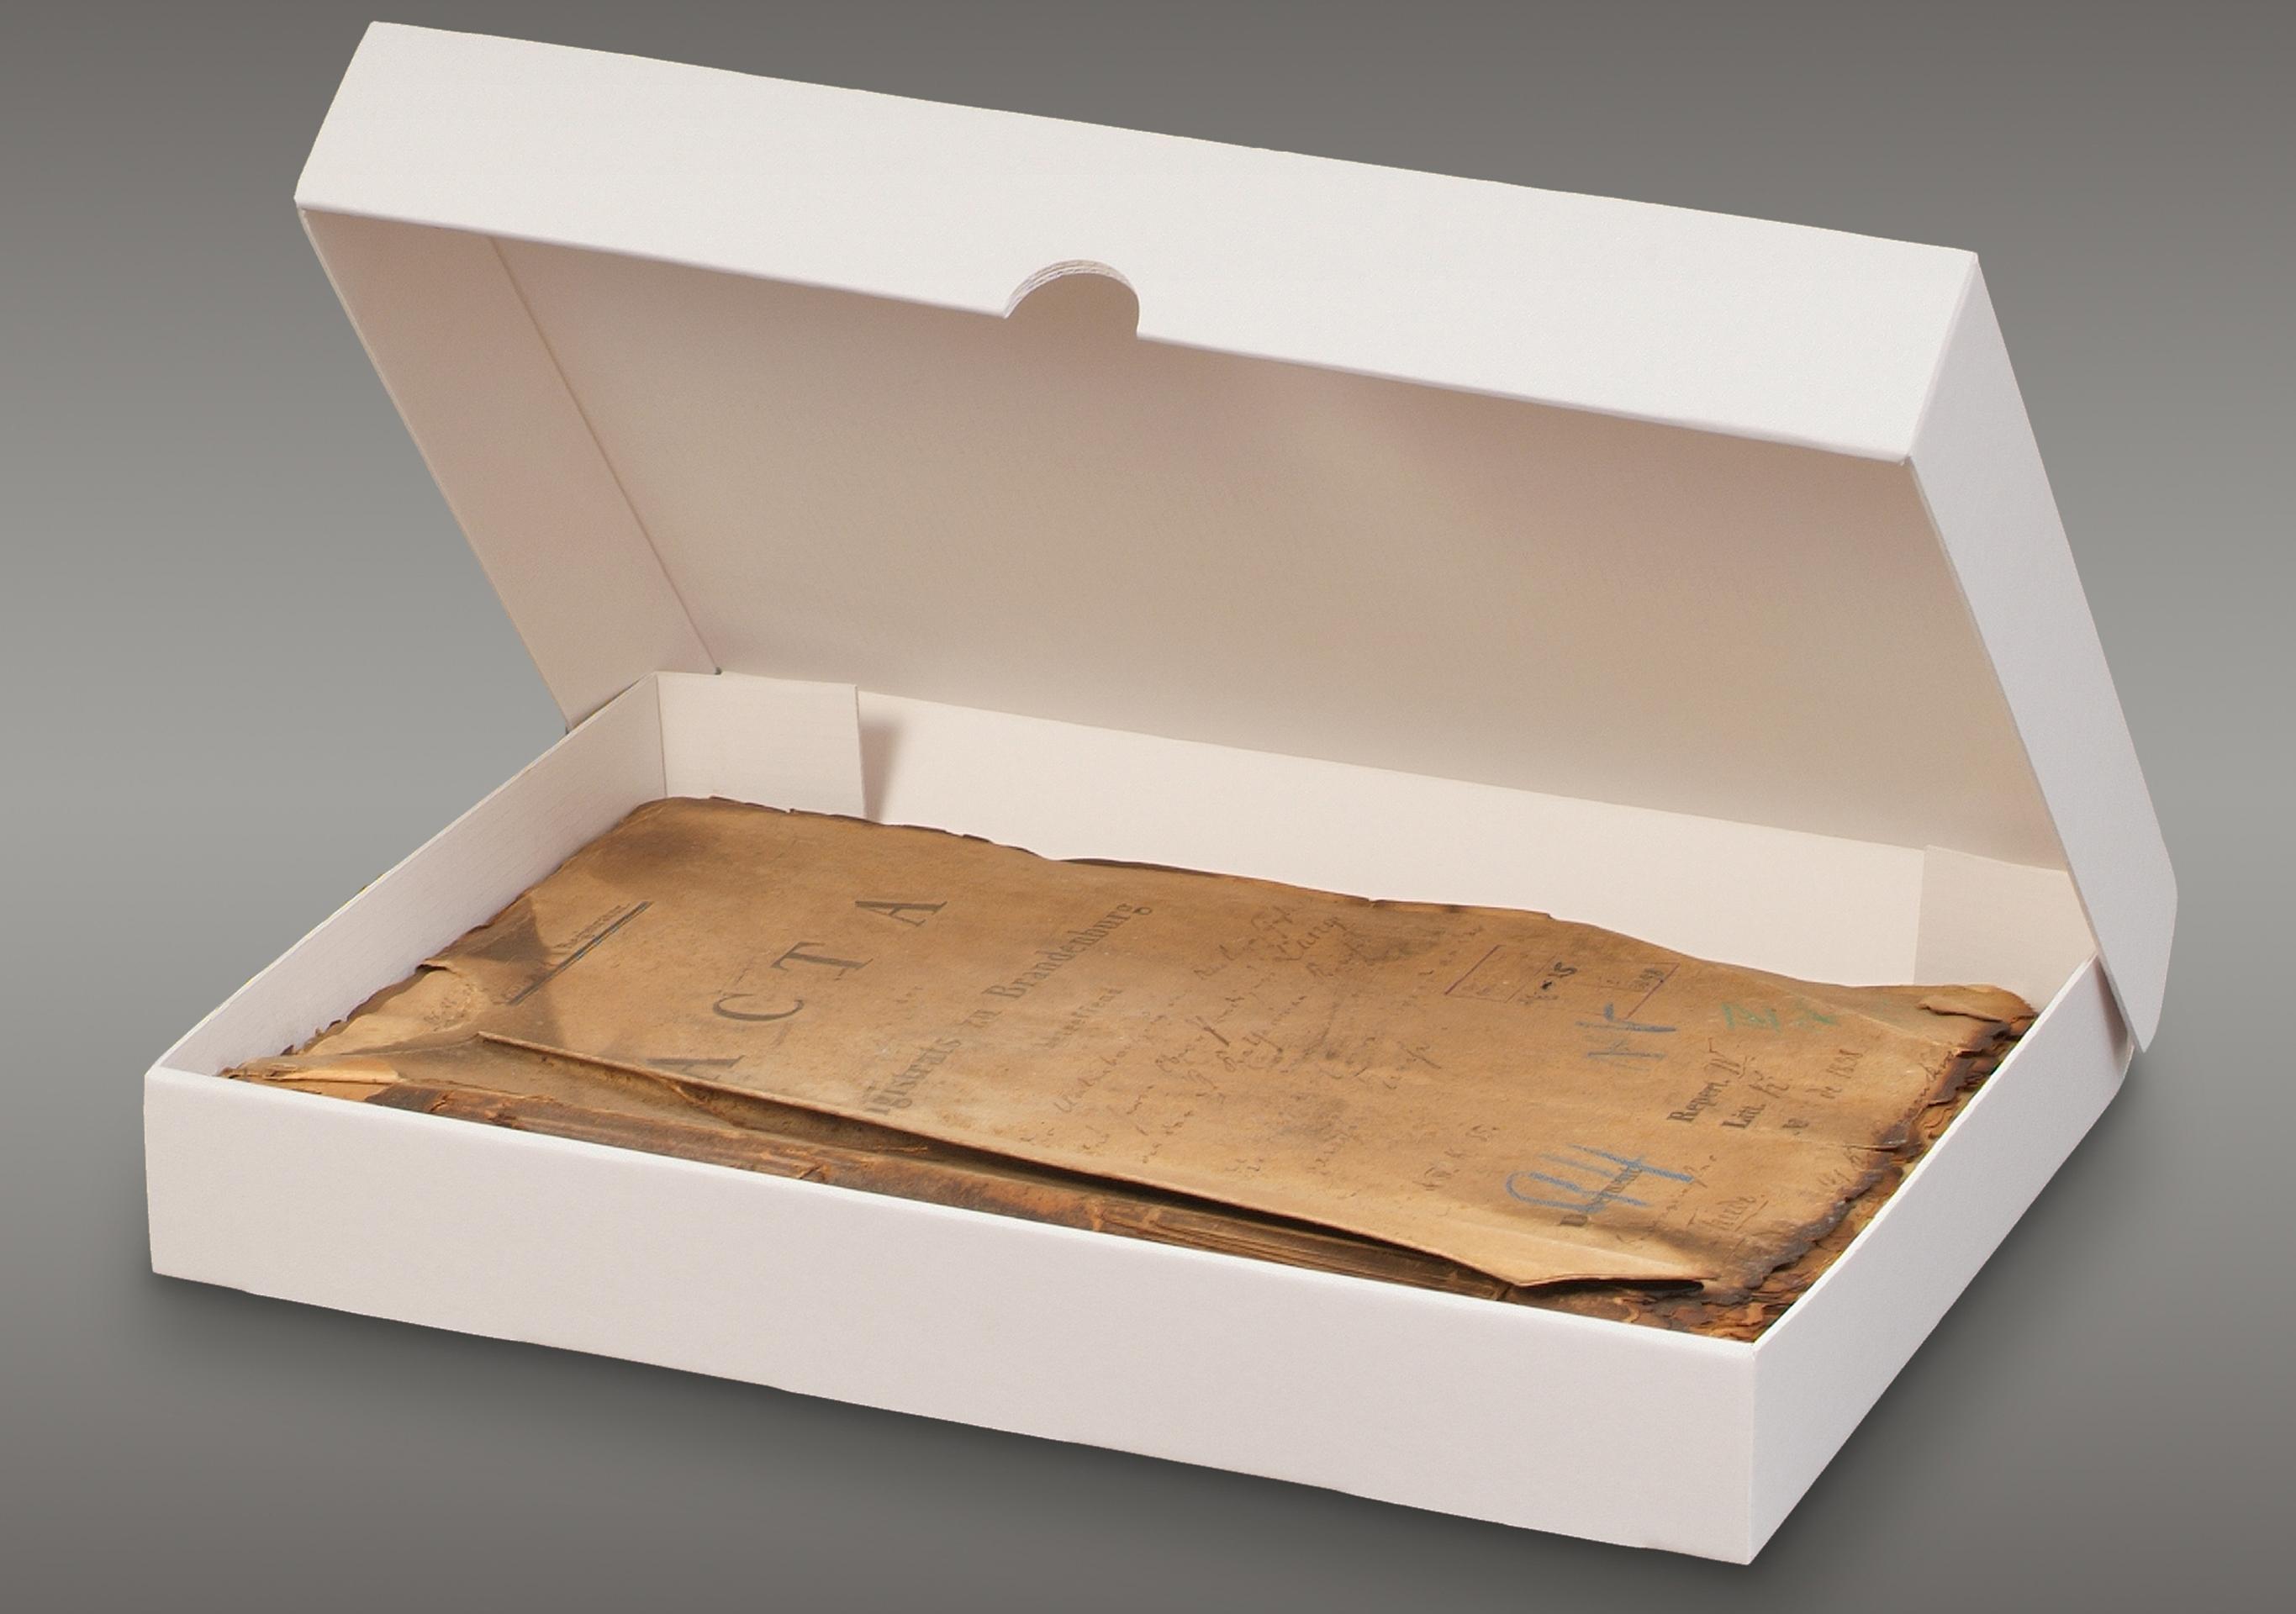 Klappdeckelboxen aus unserer 1,6 mm Archiv-Wellpappe